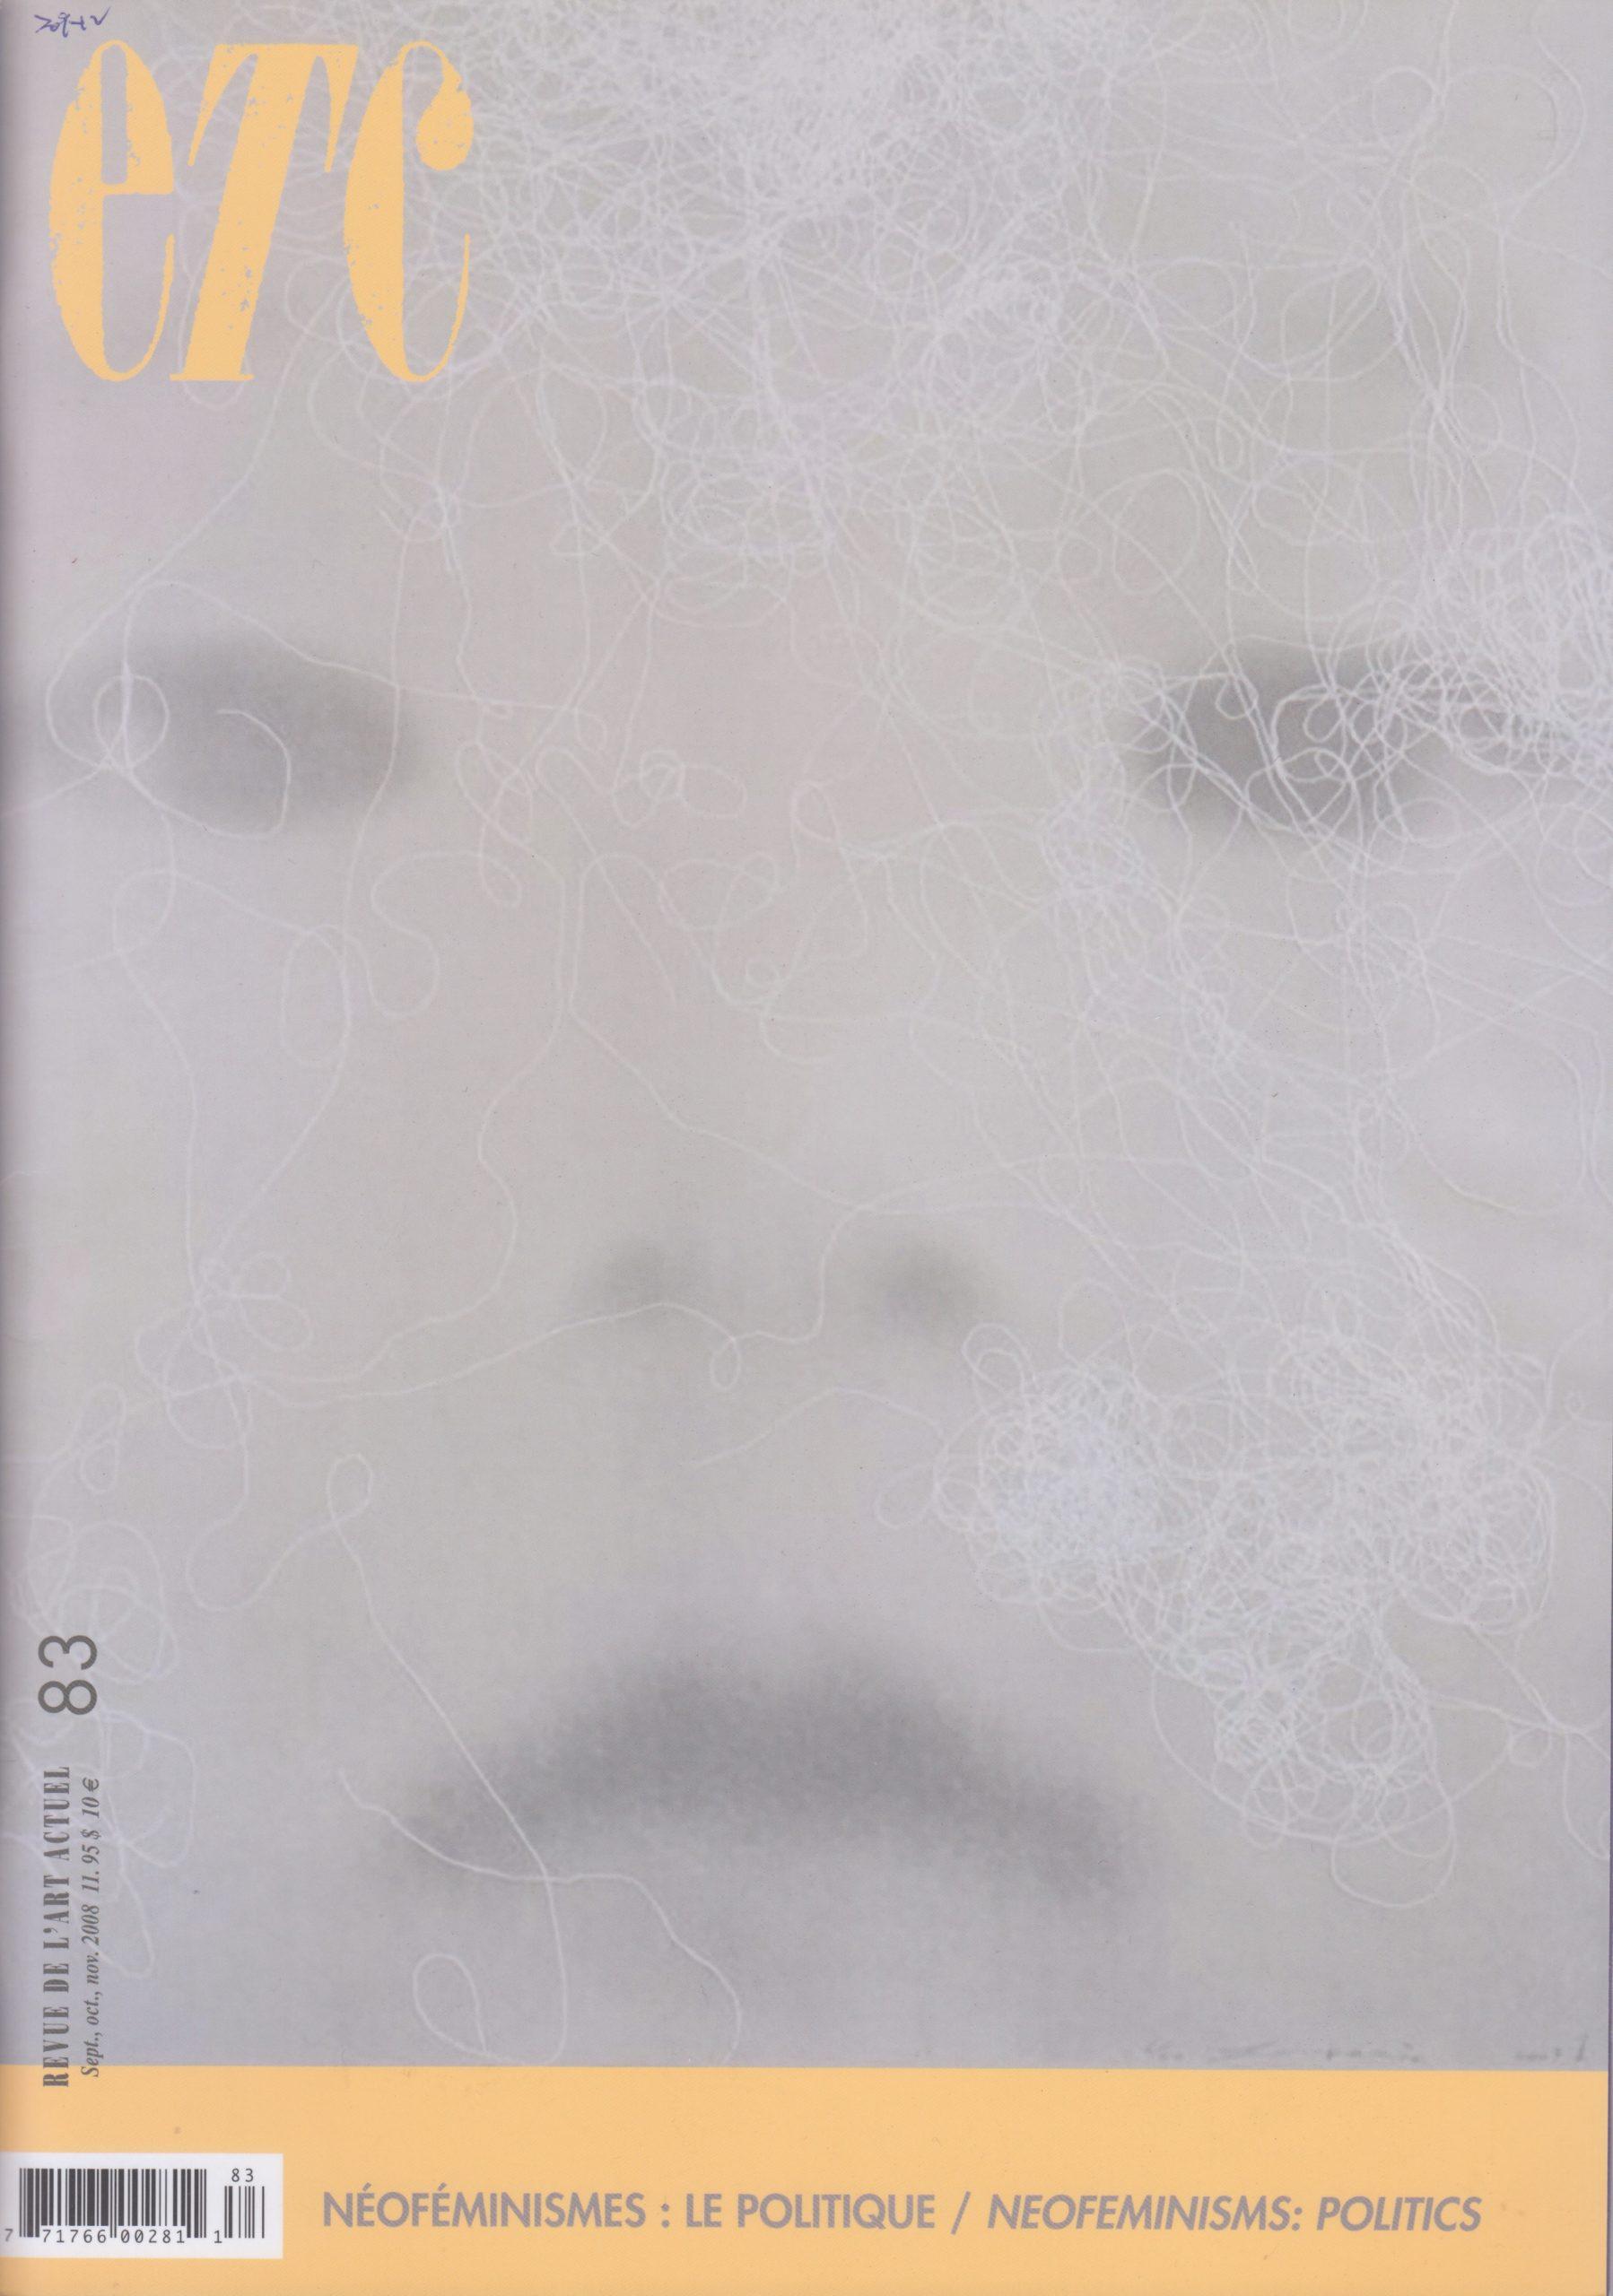 Les transferts esthétiques, Jean Fisette, ETC Montréal, no 83, 2008